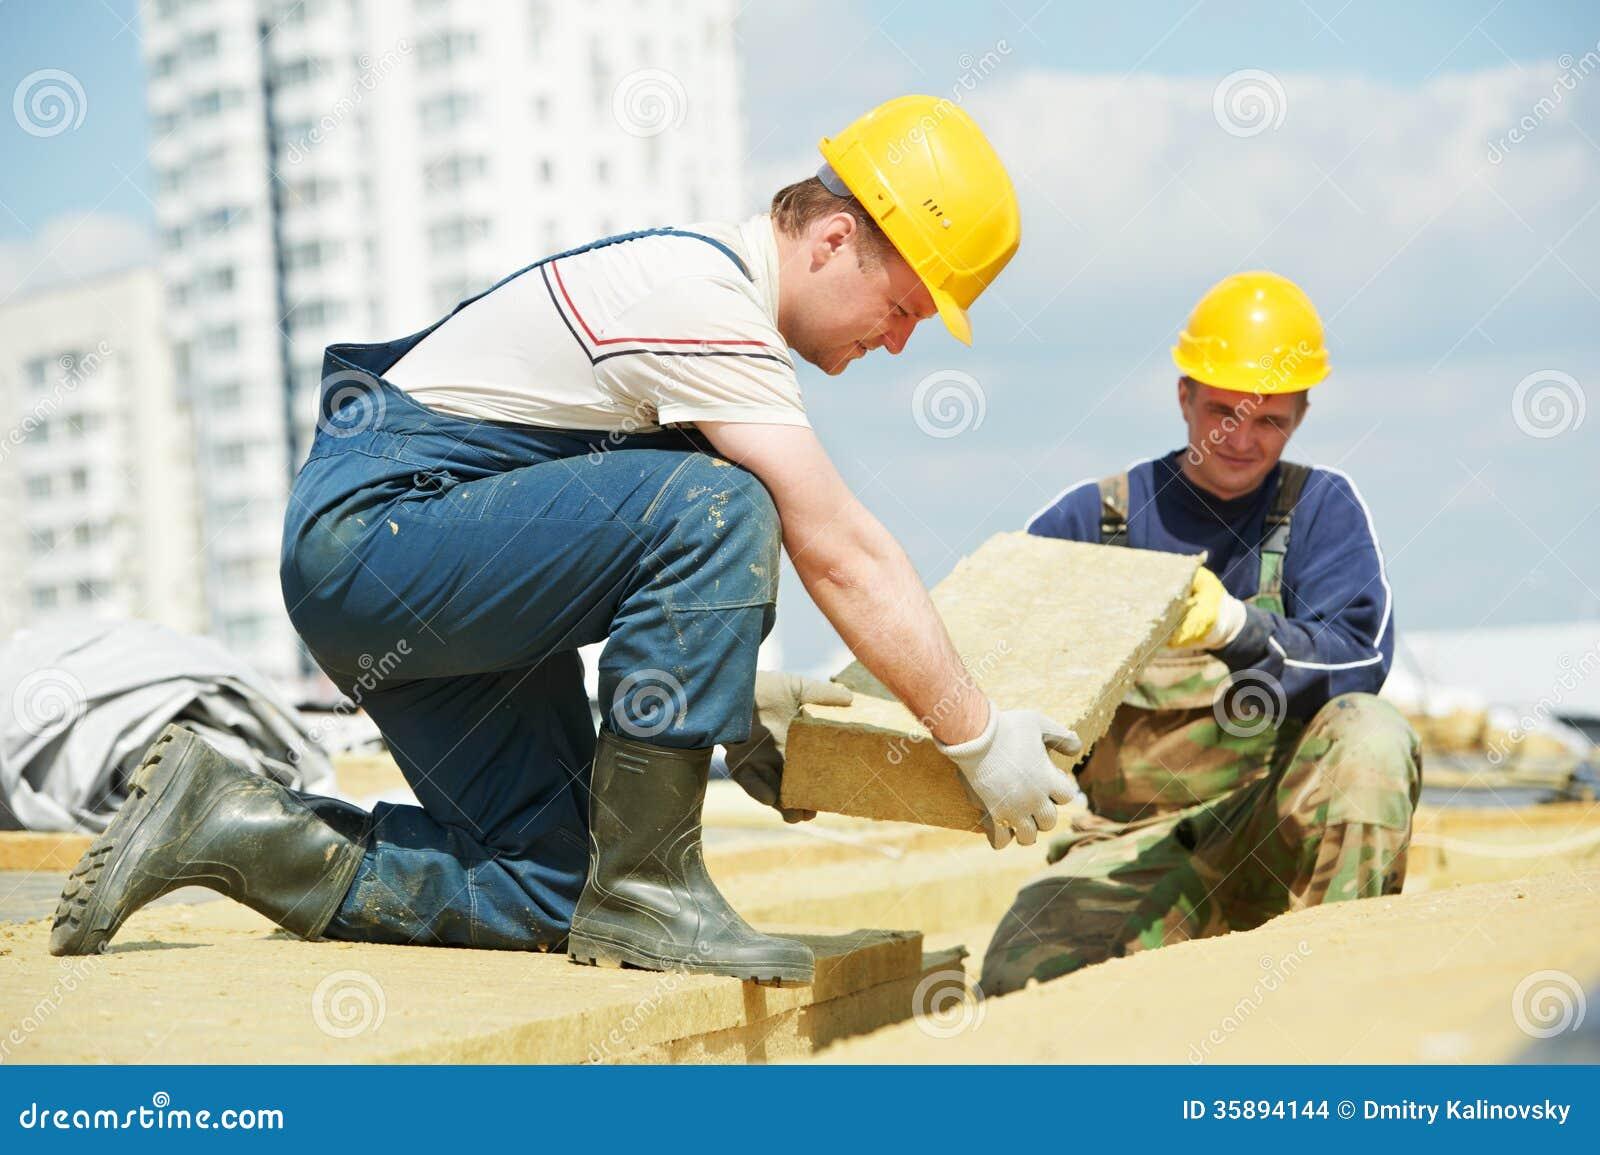 Rooferarbeider die het materiaal van de dakisolatie installeren